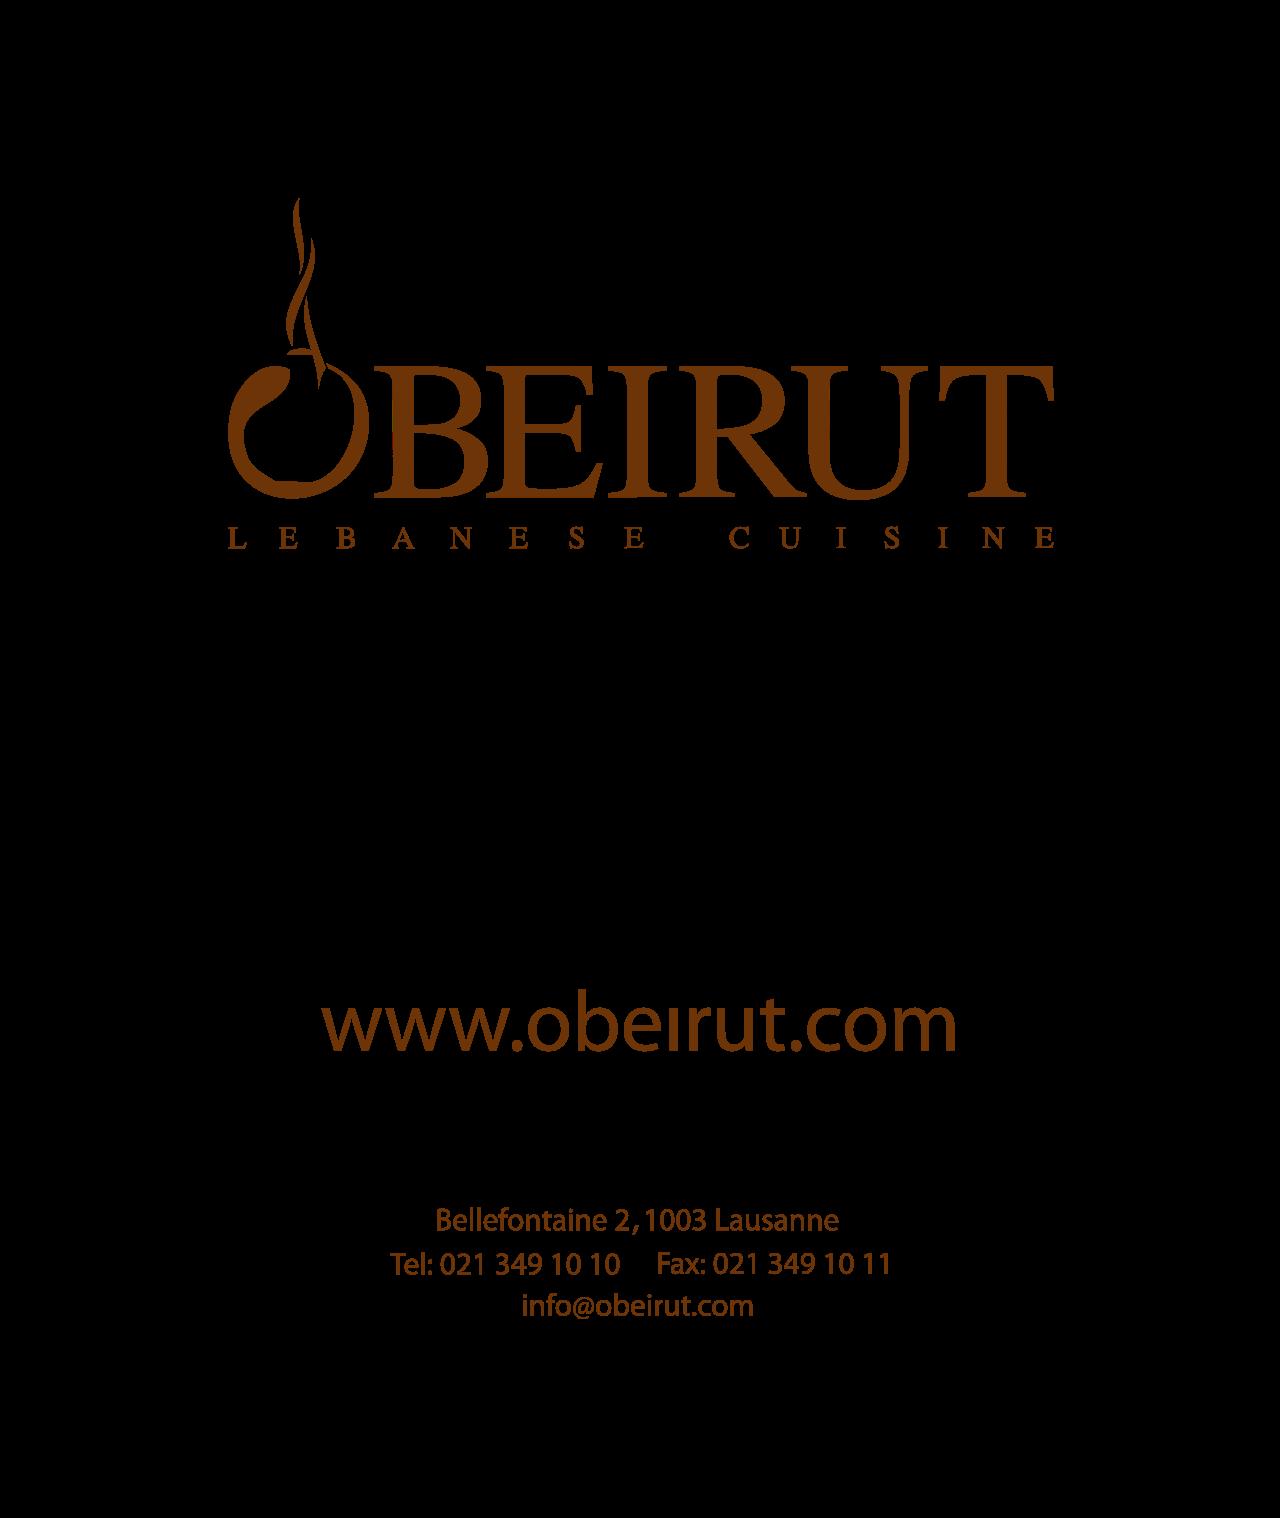 Logo OBEIRUT Lebanese Cuisine